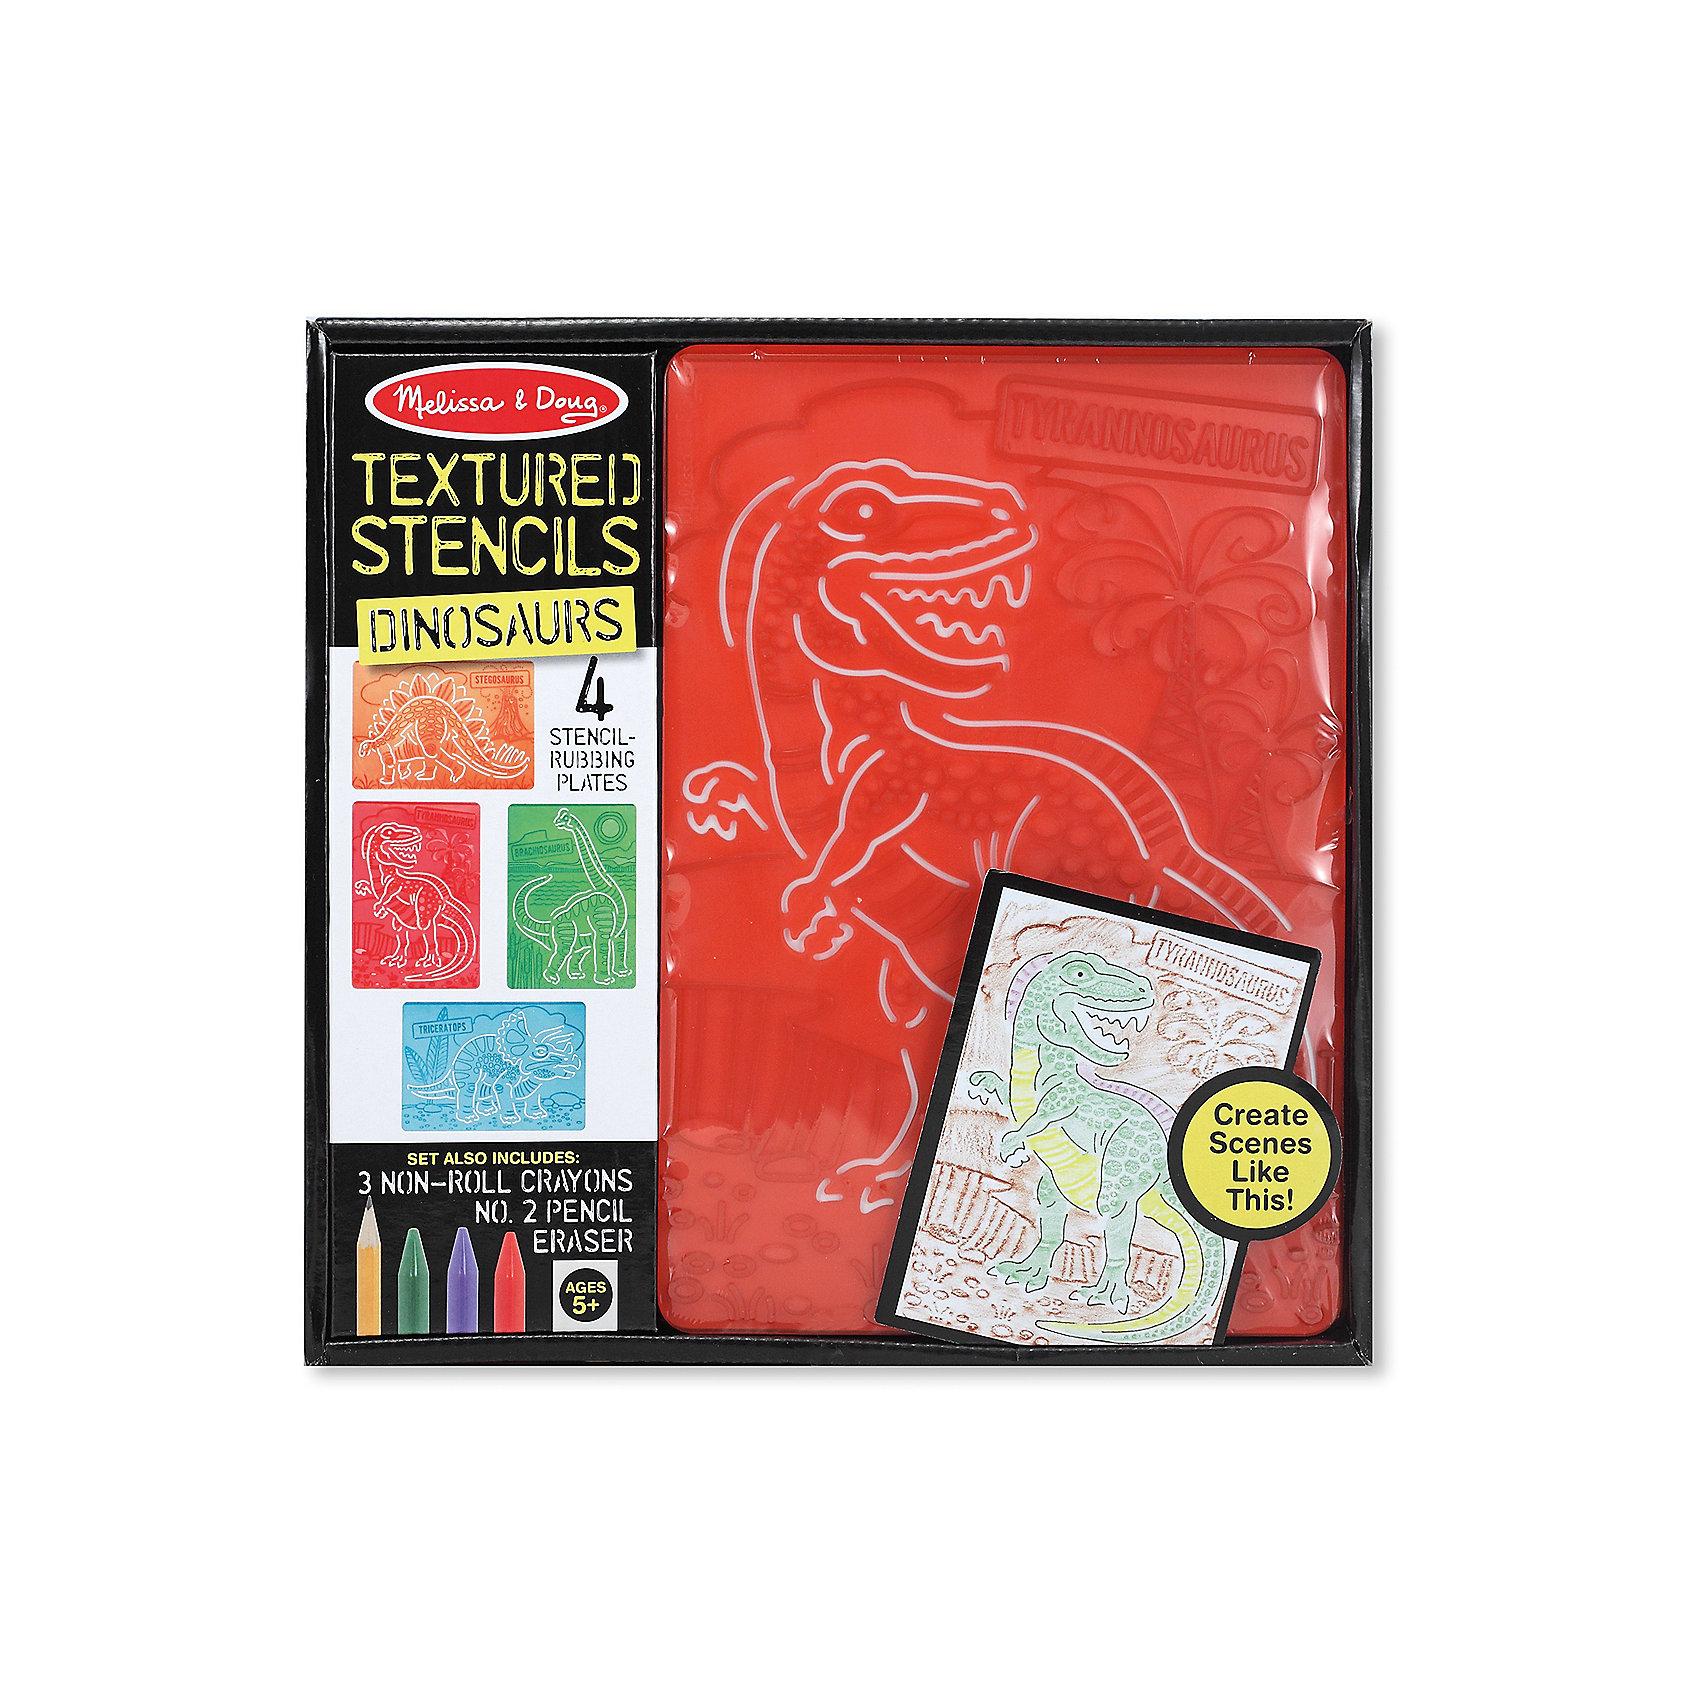 Набор для творчества Трафареты. ДинозаврыНабор для творчества Трафареты. Динозавры включает в себя 4 трафарета, простой карандаш, 3 восковых мелка и ластик, позволяющих Вашему ребенку легко создавать драматические сцены из жизни доисторических существ с помощью собственного воображения! Набор для творчества  будет стимулировать творческое развитие ребенка, развитие фантазии, познавательной активности, логического и абстрактного мышления, мелкой моторики.<br><br>Комплектация: 1 карандаш, 3 восковых мелка, 4 трафарета, ластик <br><br>Дополнительная информация:<br>-Размер упаковки: 29х3х28 см<br>-Материалы: дерево, пластик<br>-Вес в упаковке: 385 г<br><br>При помощи трафаретов и разноцветных мелков Ваш ребенок создаст множество оригинальных картин, которые можно сохранить на память или дарить друзьям и близким!<br><br>Набор для творчества Трафареты. Динозавры можно купить в нашем магазине.<br><br>Ширина мм: 290<br>Глубина мм: 30<br>Высота мм: 280<br>Вес г: 385<br>Возраст от месяцев: 60<br>Возраст до месяцев: 144<br>Пол: Унисекс<br>Возраст: Детский<br>SKU: 4216555